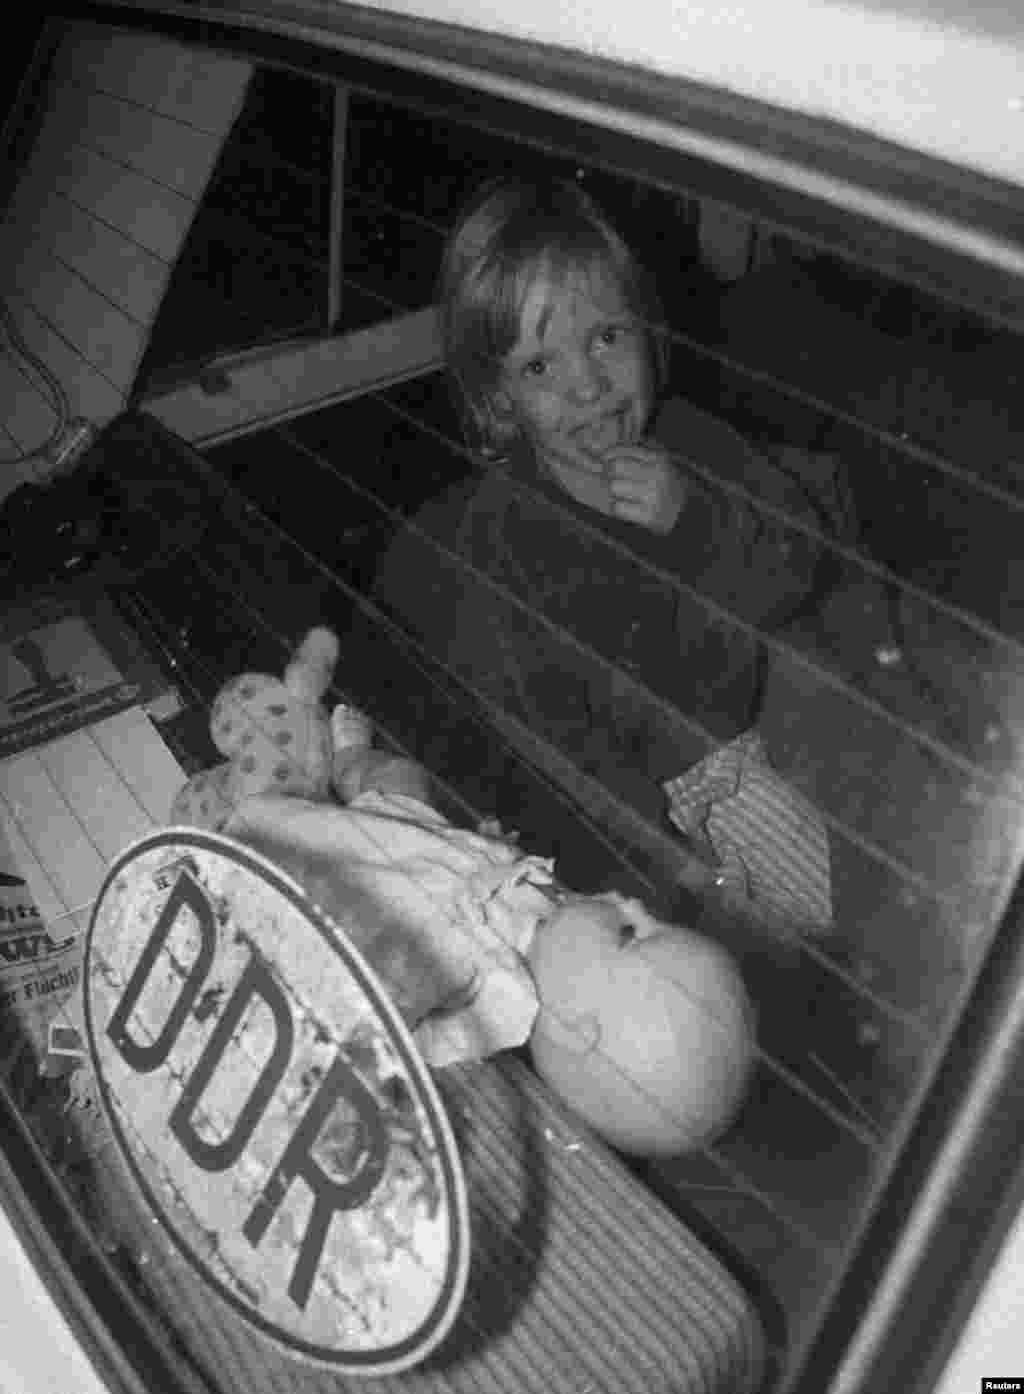 Ребенок в машине из ГДР на пограничном переходе Хедьешхалом